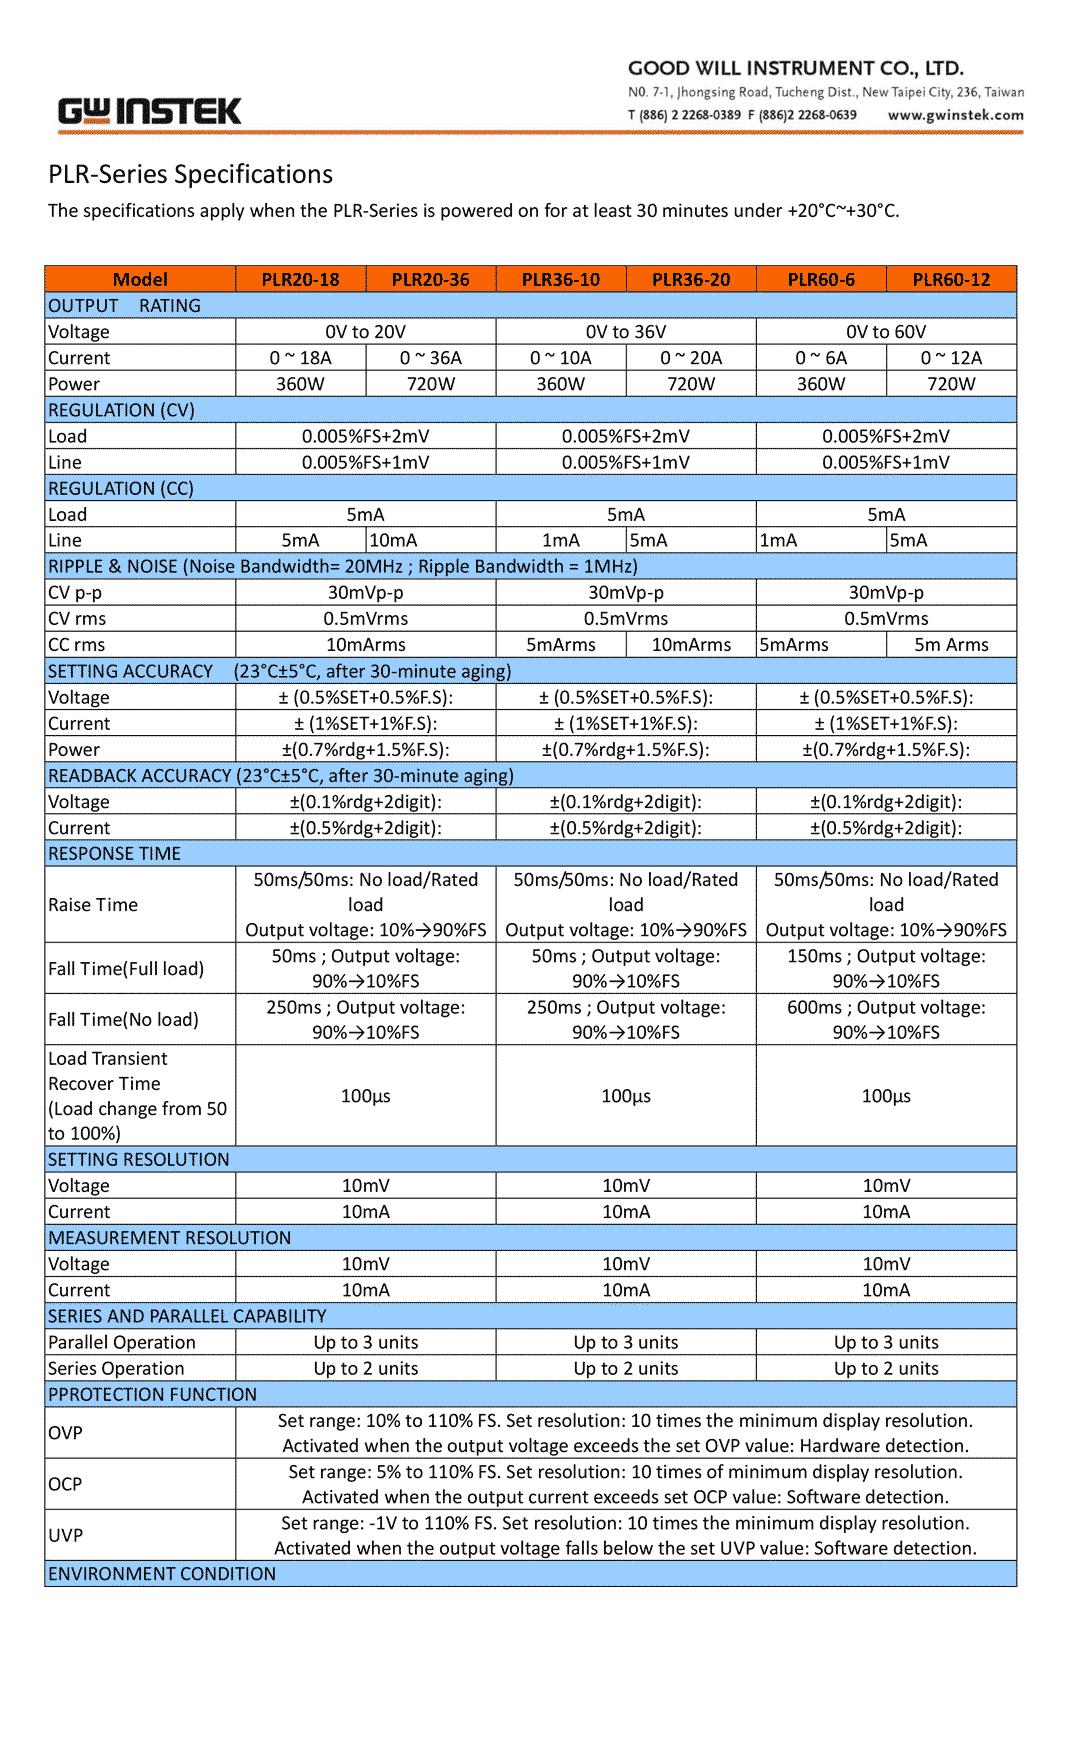 spec GW Instek PLR 36-20